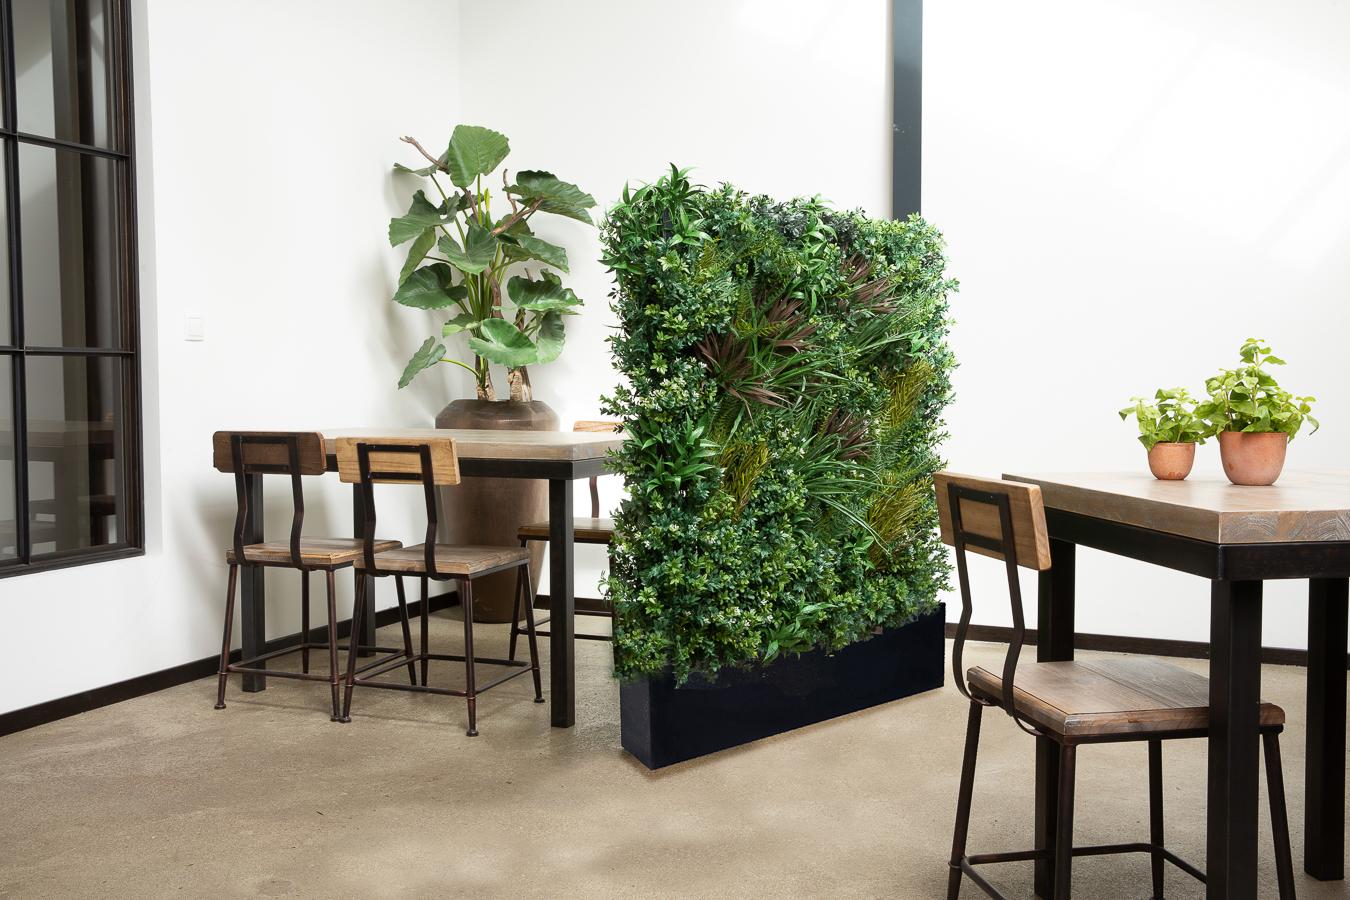 Raumteiler, Ansteckungsschutz, Gefäße, schwarz, künstliche Pflanzen, Raumtrenner